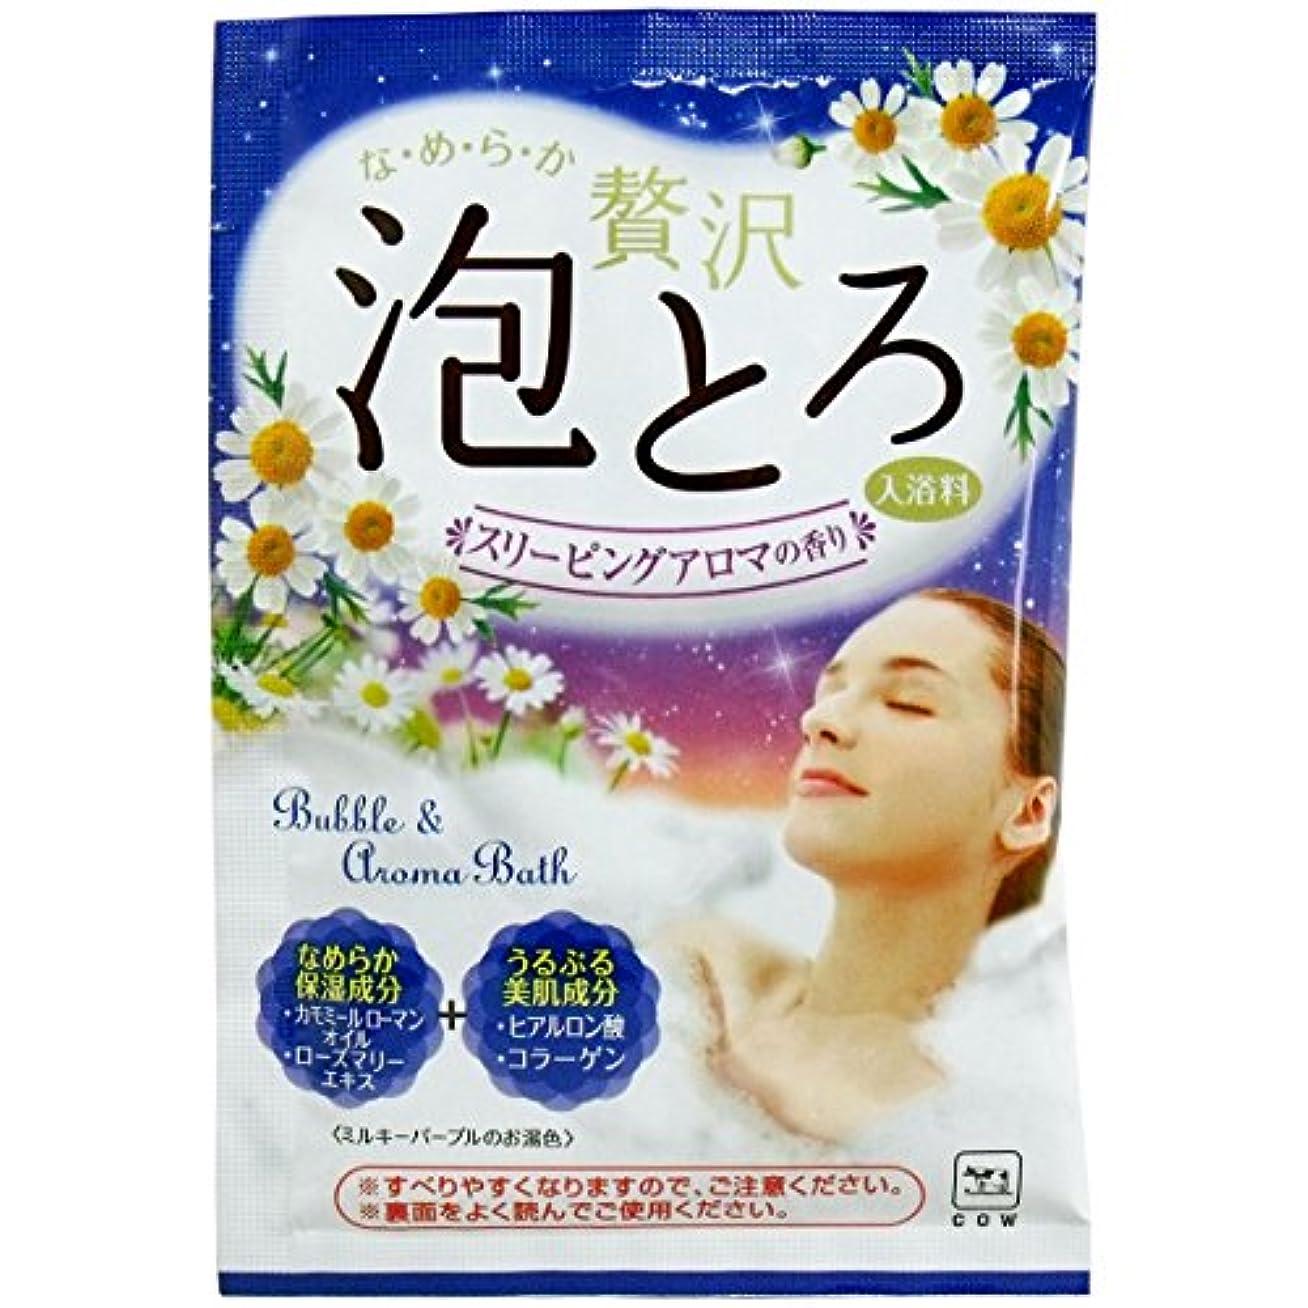 説教政令残忍な(まとめ買い)お湯物語 贅沢泡とろ入浴料 スリーピングアロマの香り 30g×15セット